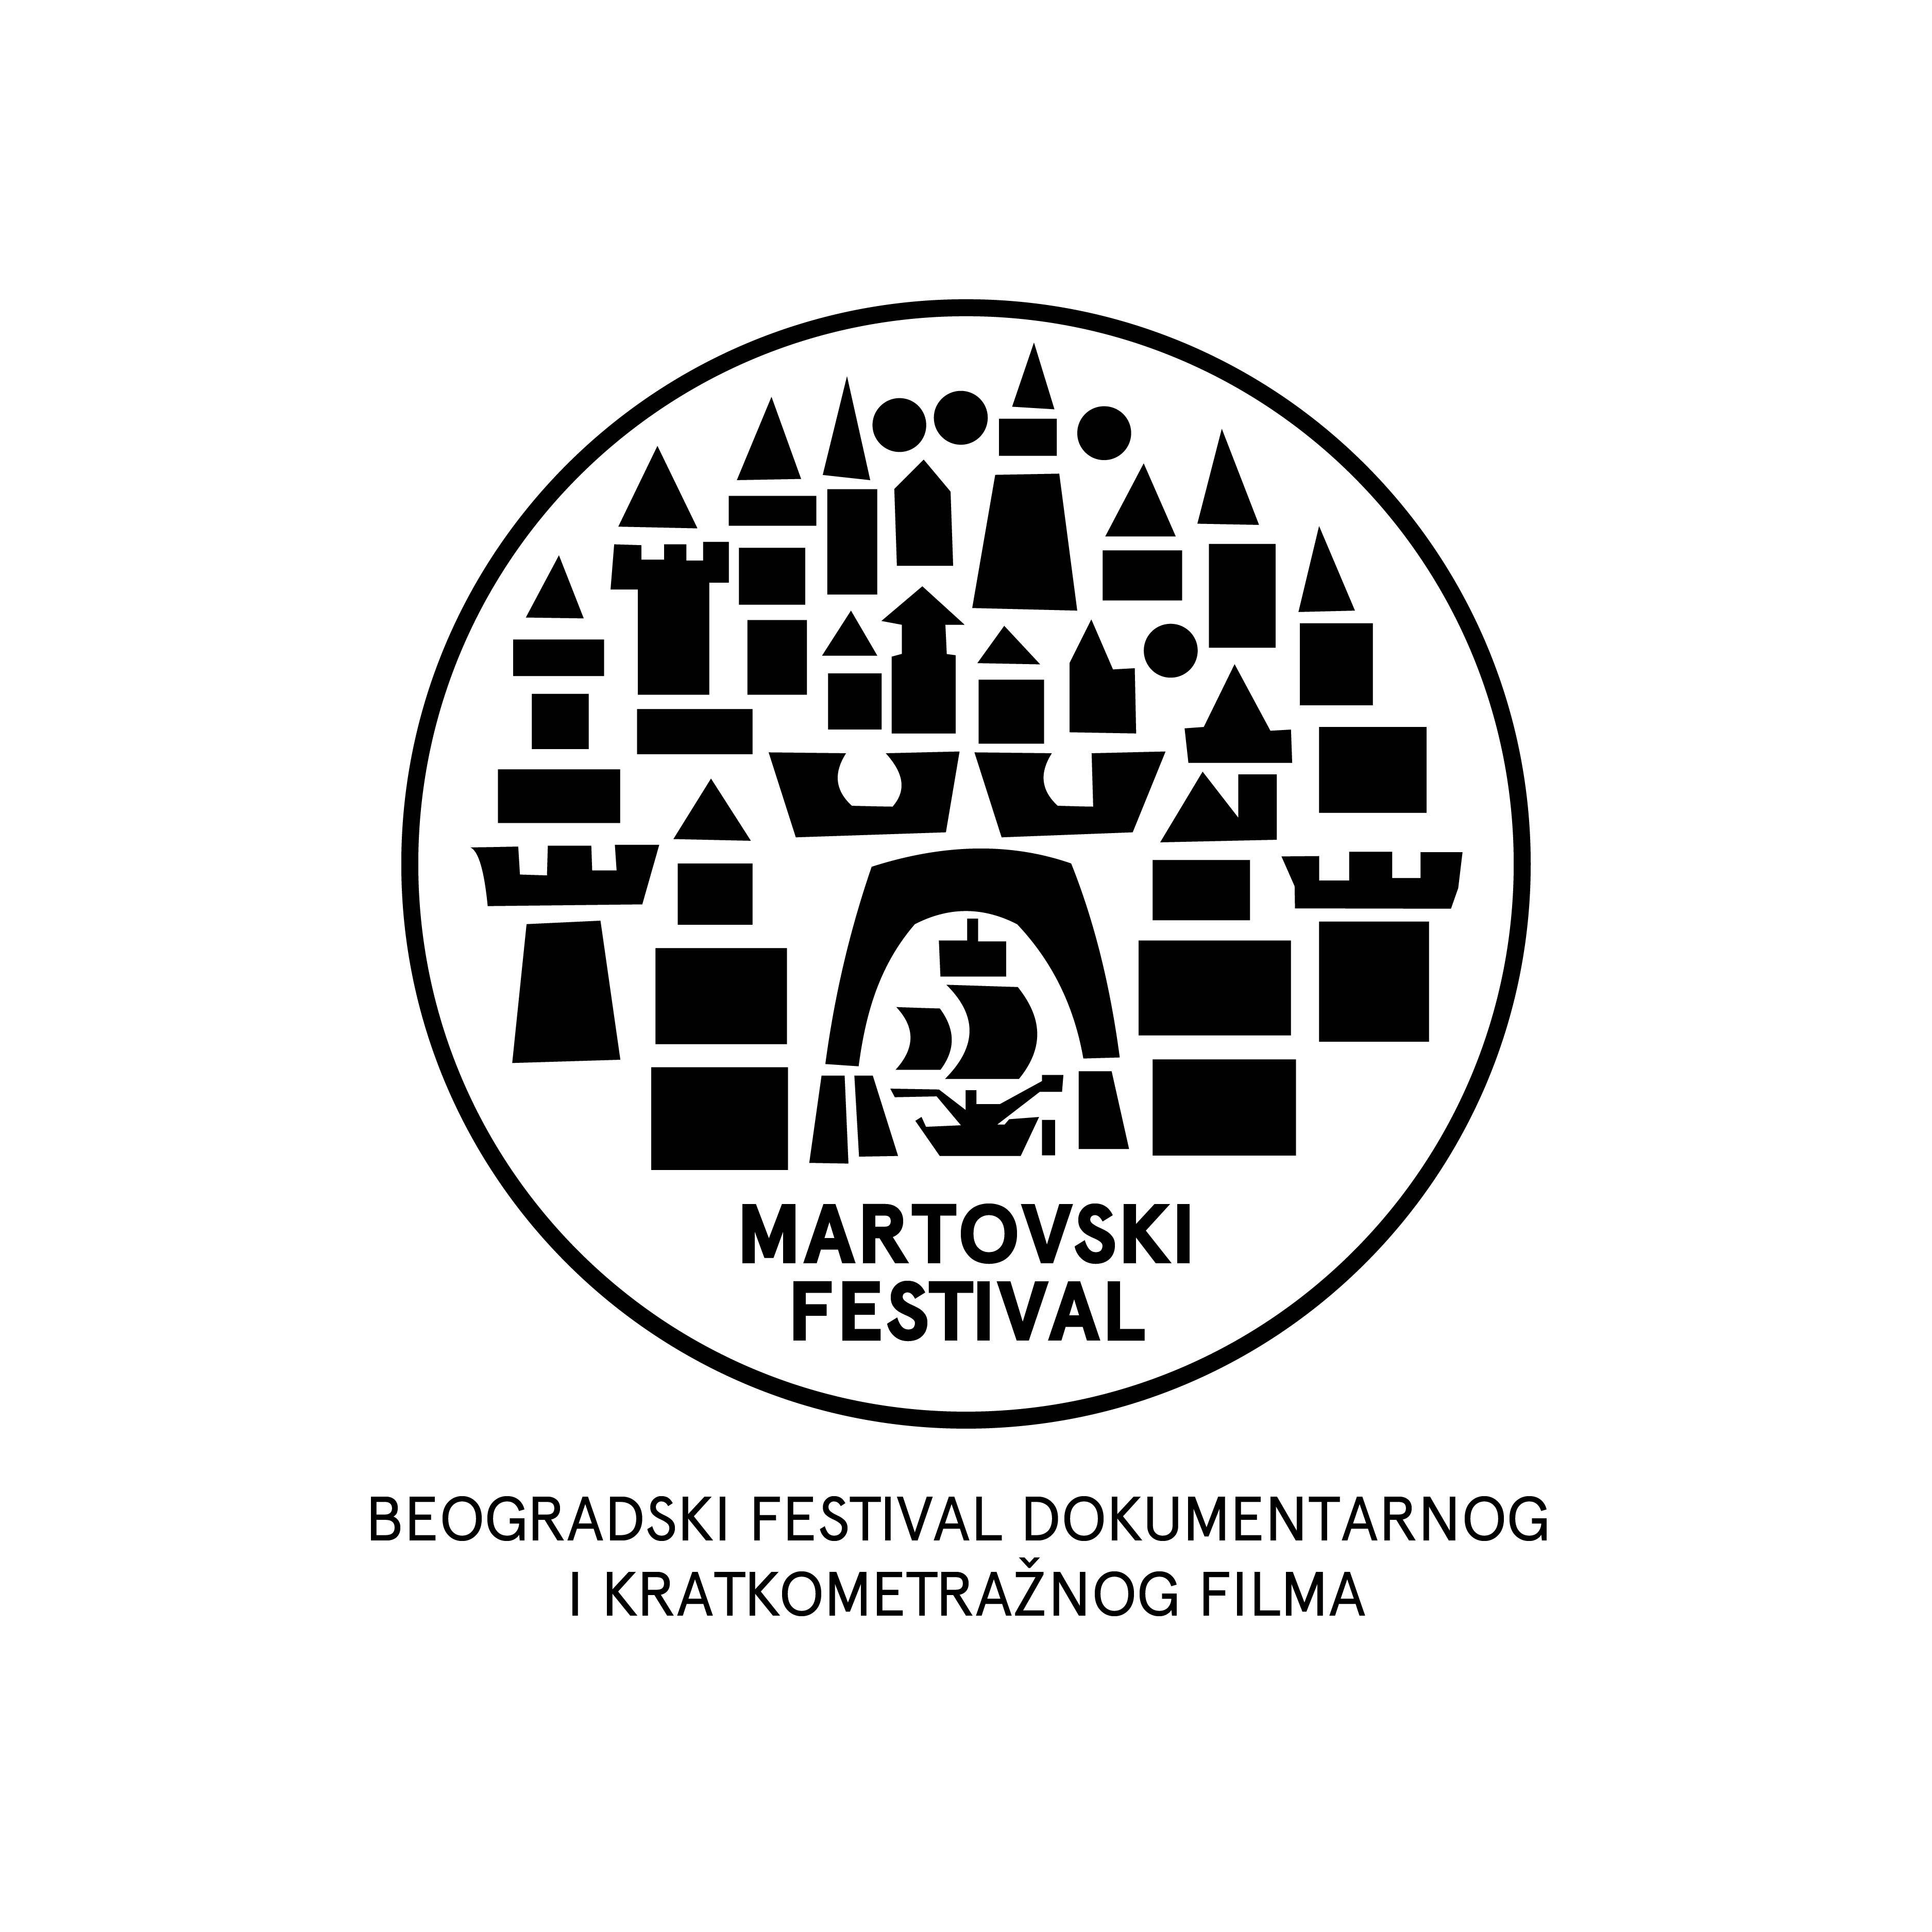 Odgođen 67. Martovski festival